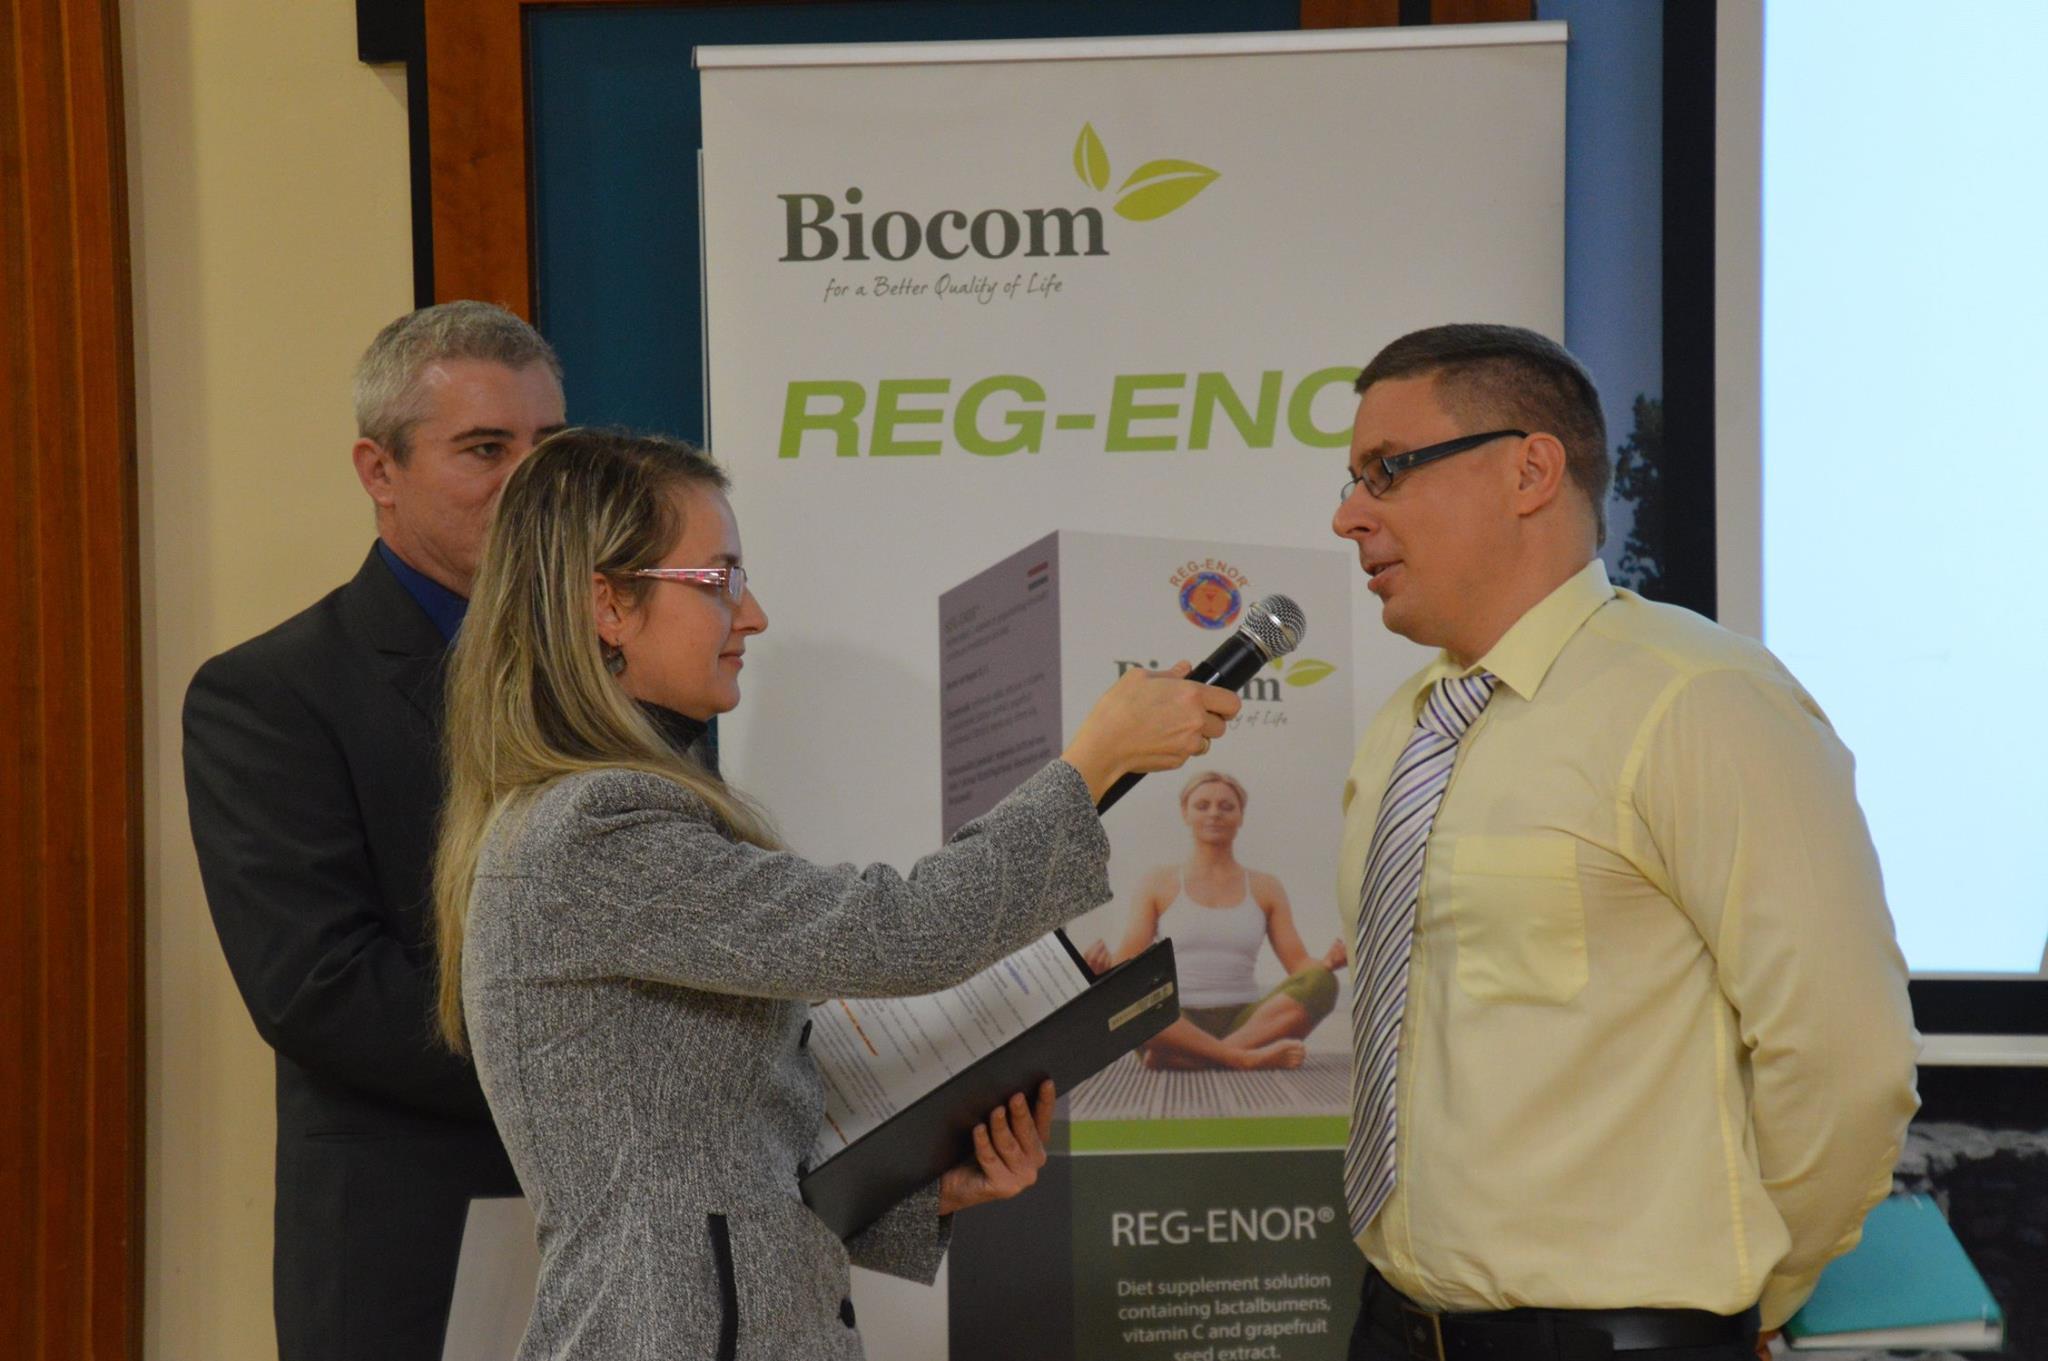 Egy személyes Biocom-vallomás a sok közül